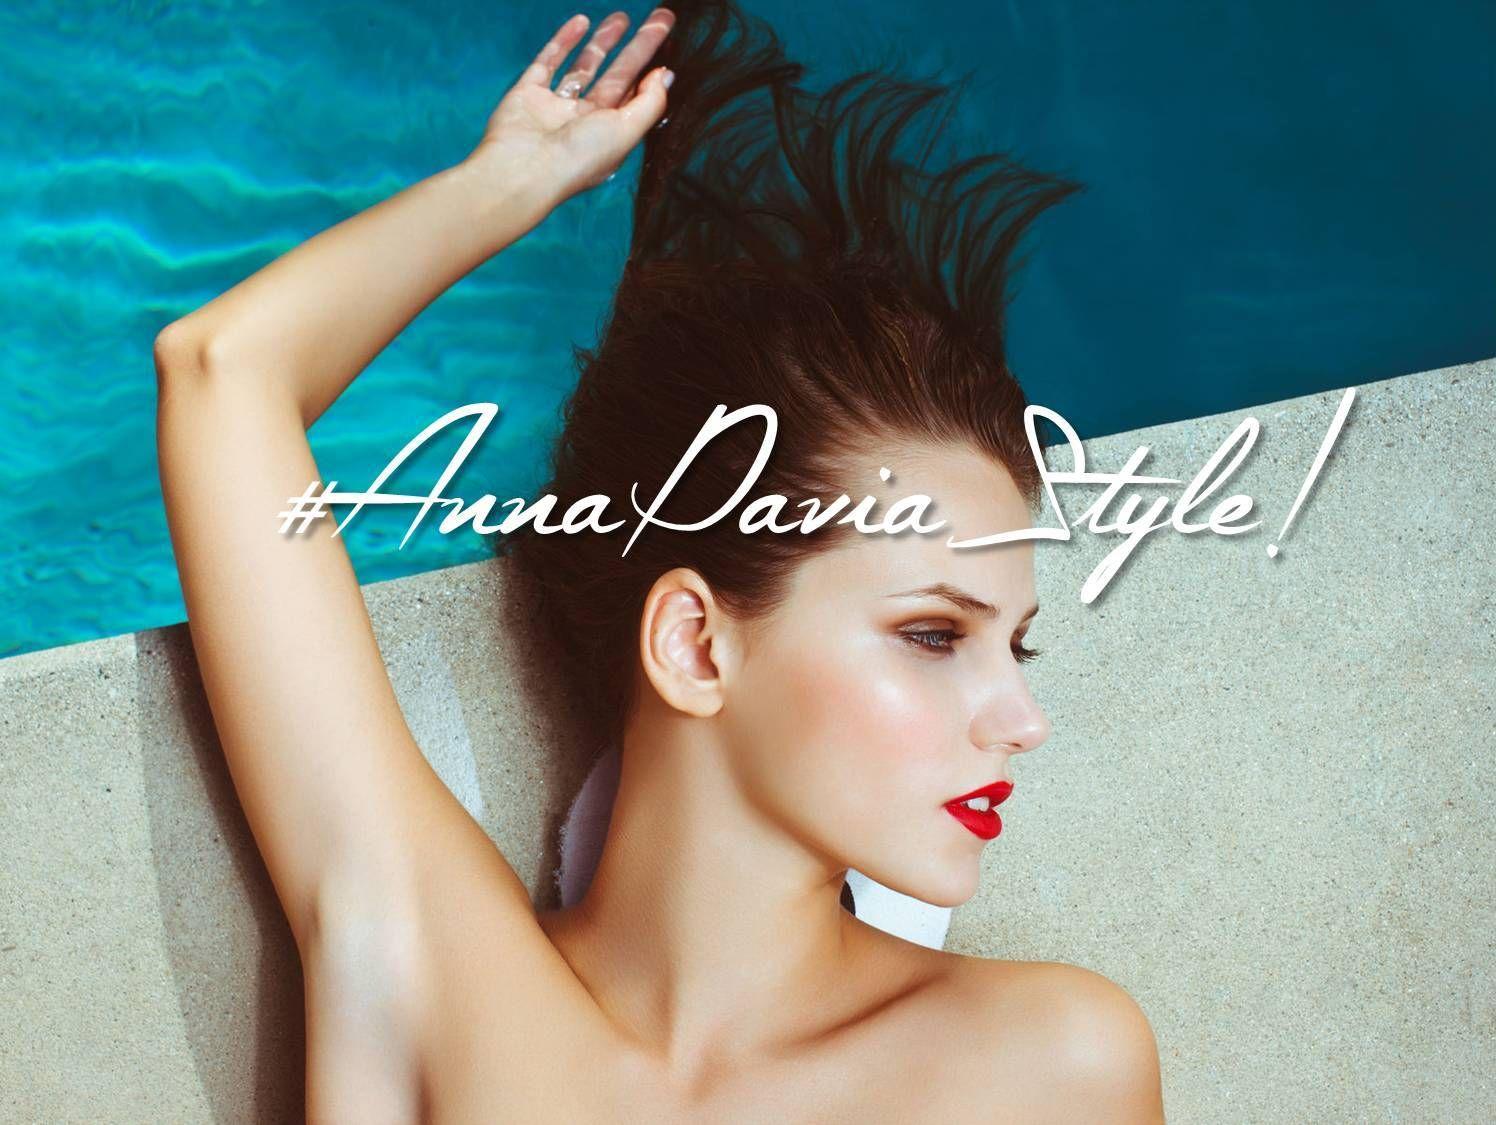 Aquest mes de juny prepara't per a l'estiu amb ANNA PAVIA PELUSALON. Visita'ns! #AnnaPaviaStyle! www.annapavia.com